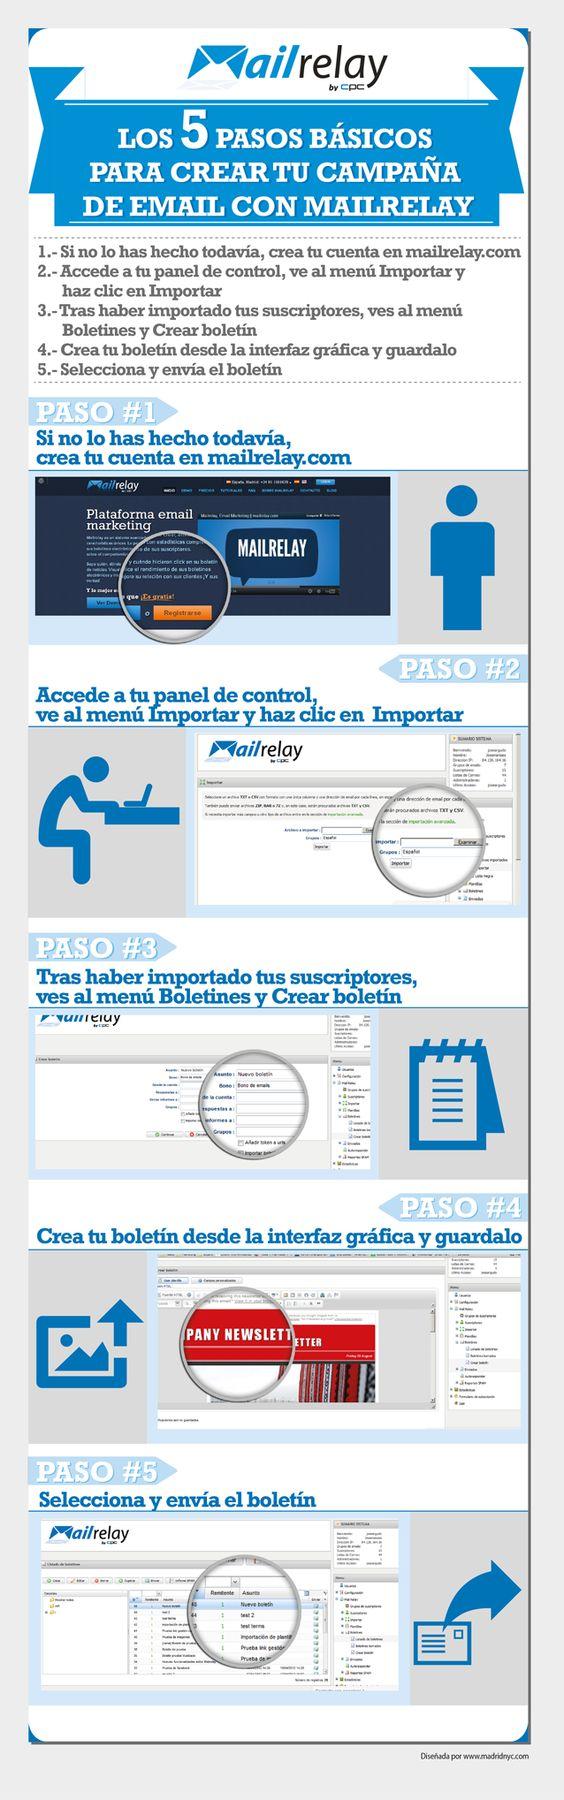 Los 5 pasos básicos para crear tu campaña de email con Mailrelay http://blog.mailrelay.com/es/2012/11/08/los-5-pasos-basicos-para-crear-tu-campana-de-email-con-mailrelay